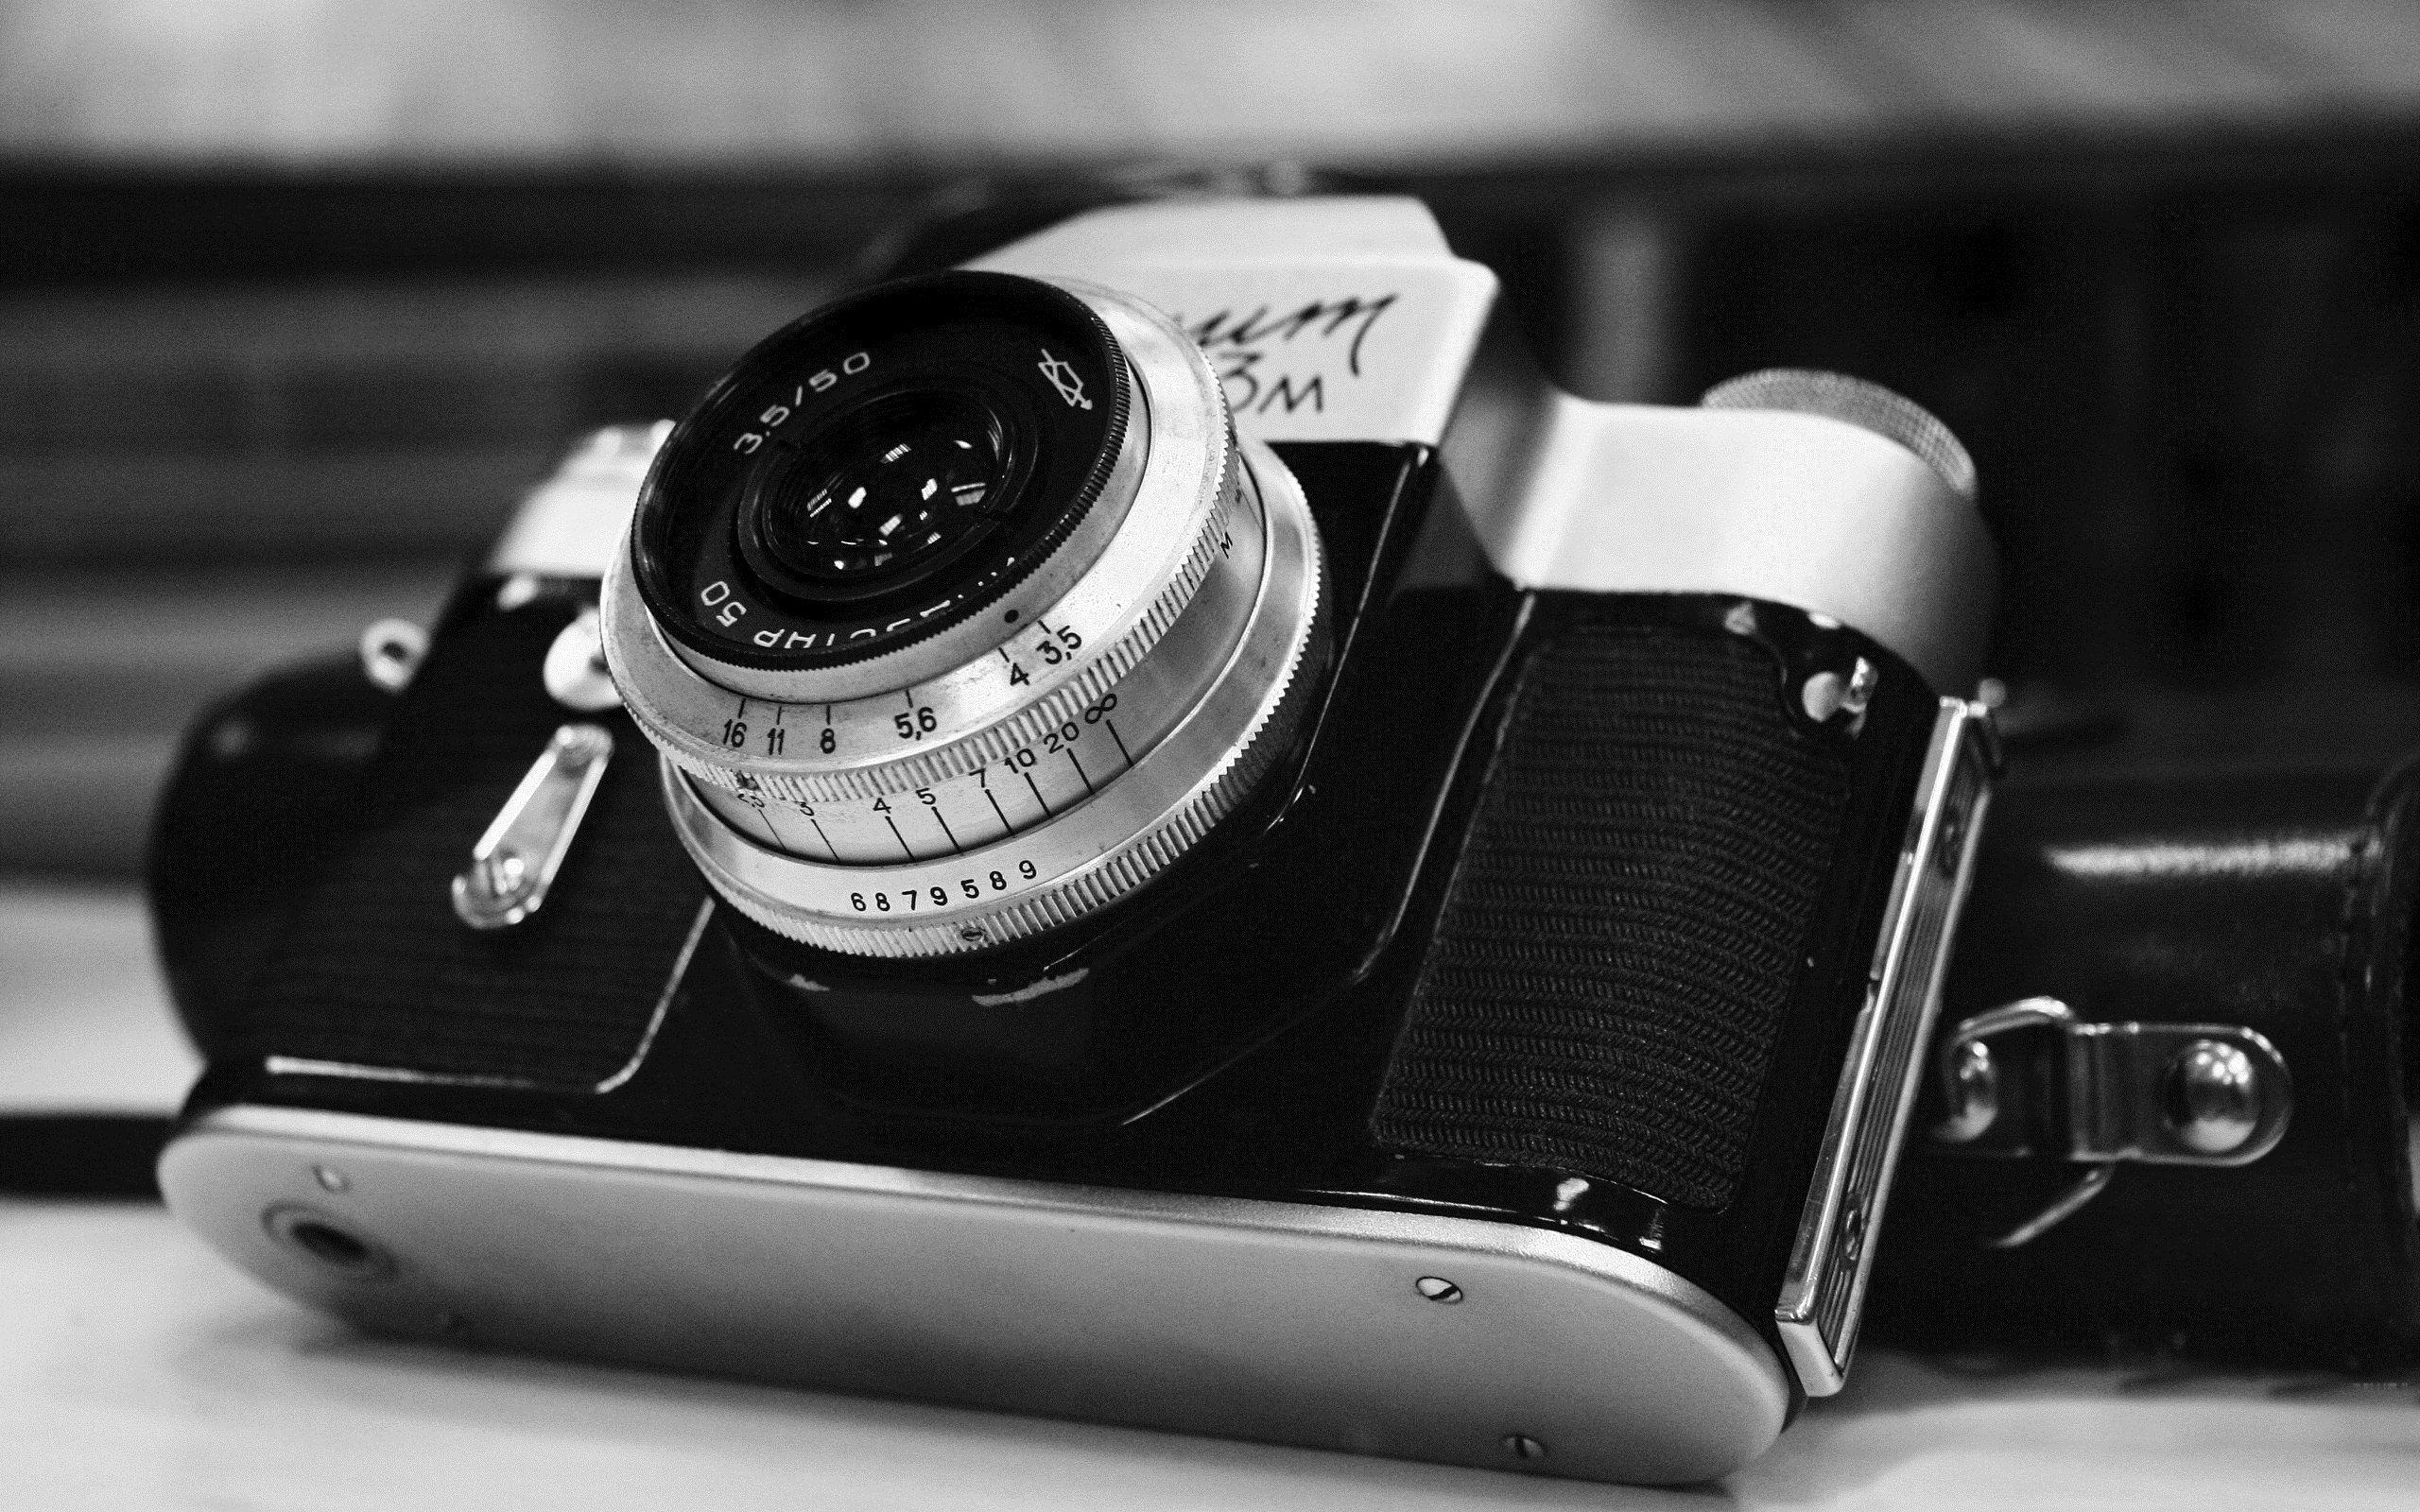 Tout pour savoir cers qui se tourner pour prendre des cours : cours-photographie.eu